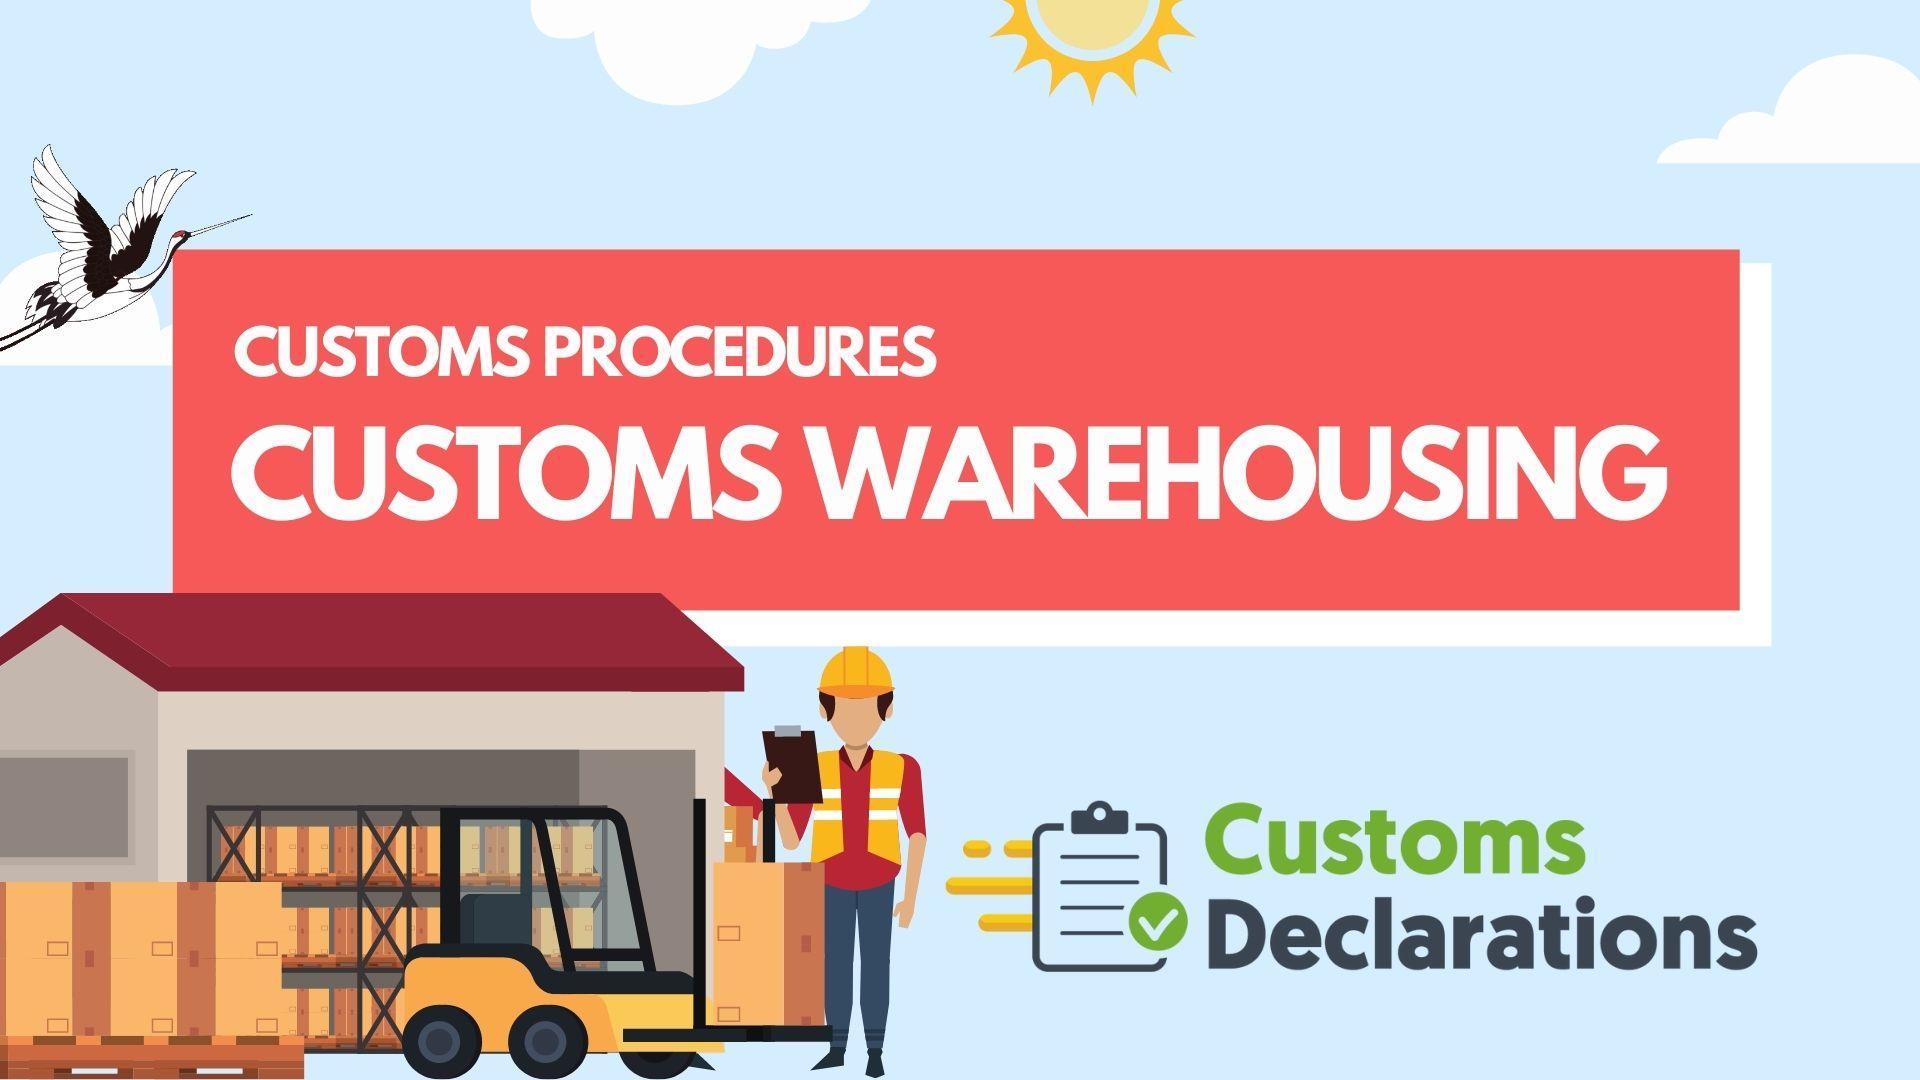 Customs Procedures - Customs Warehouse